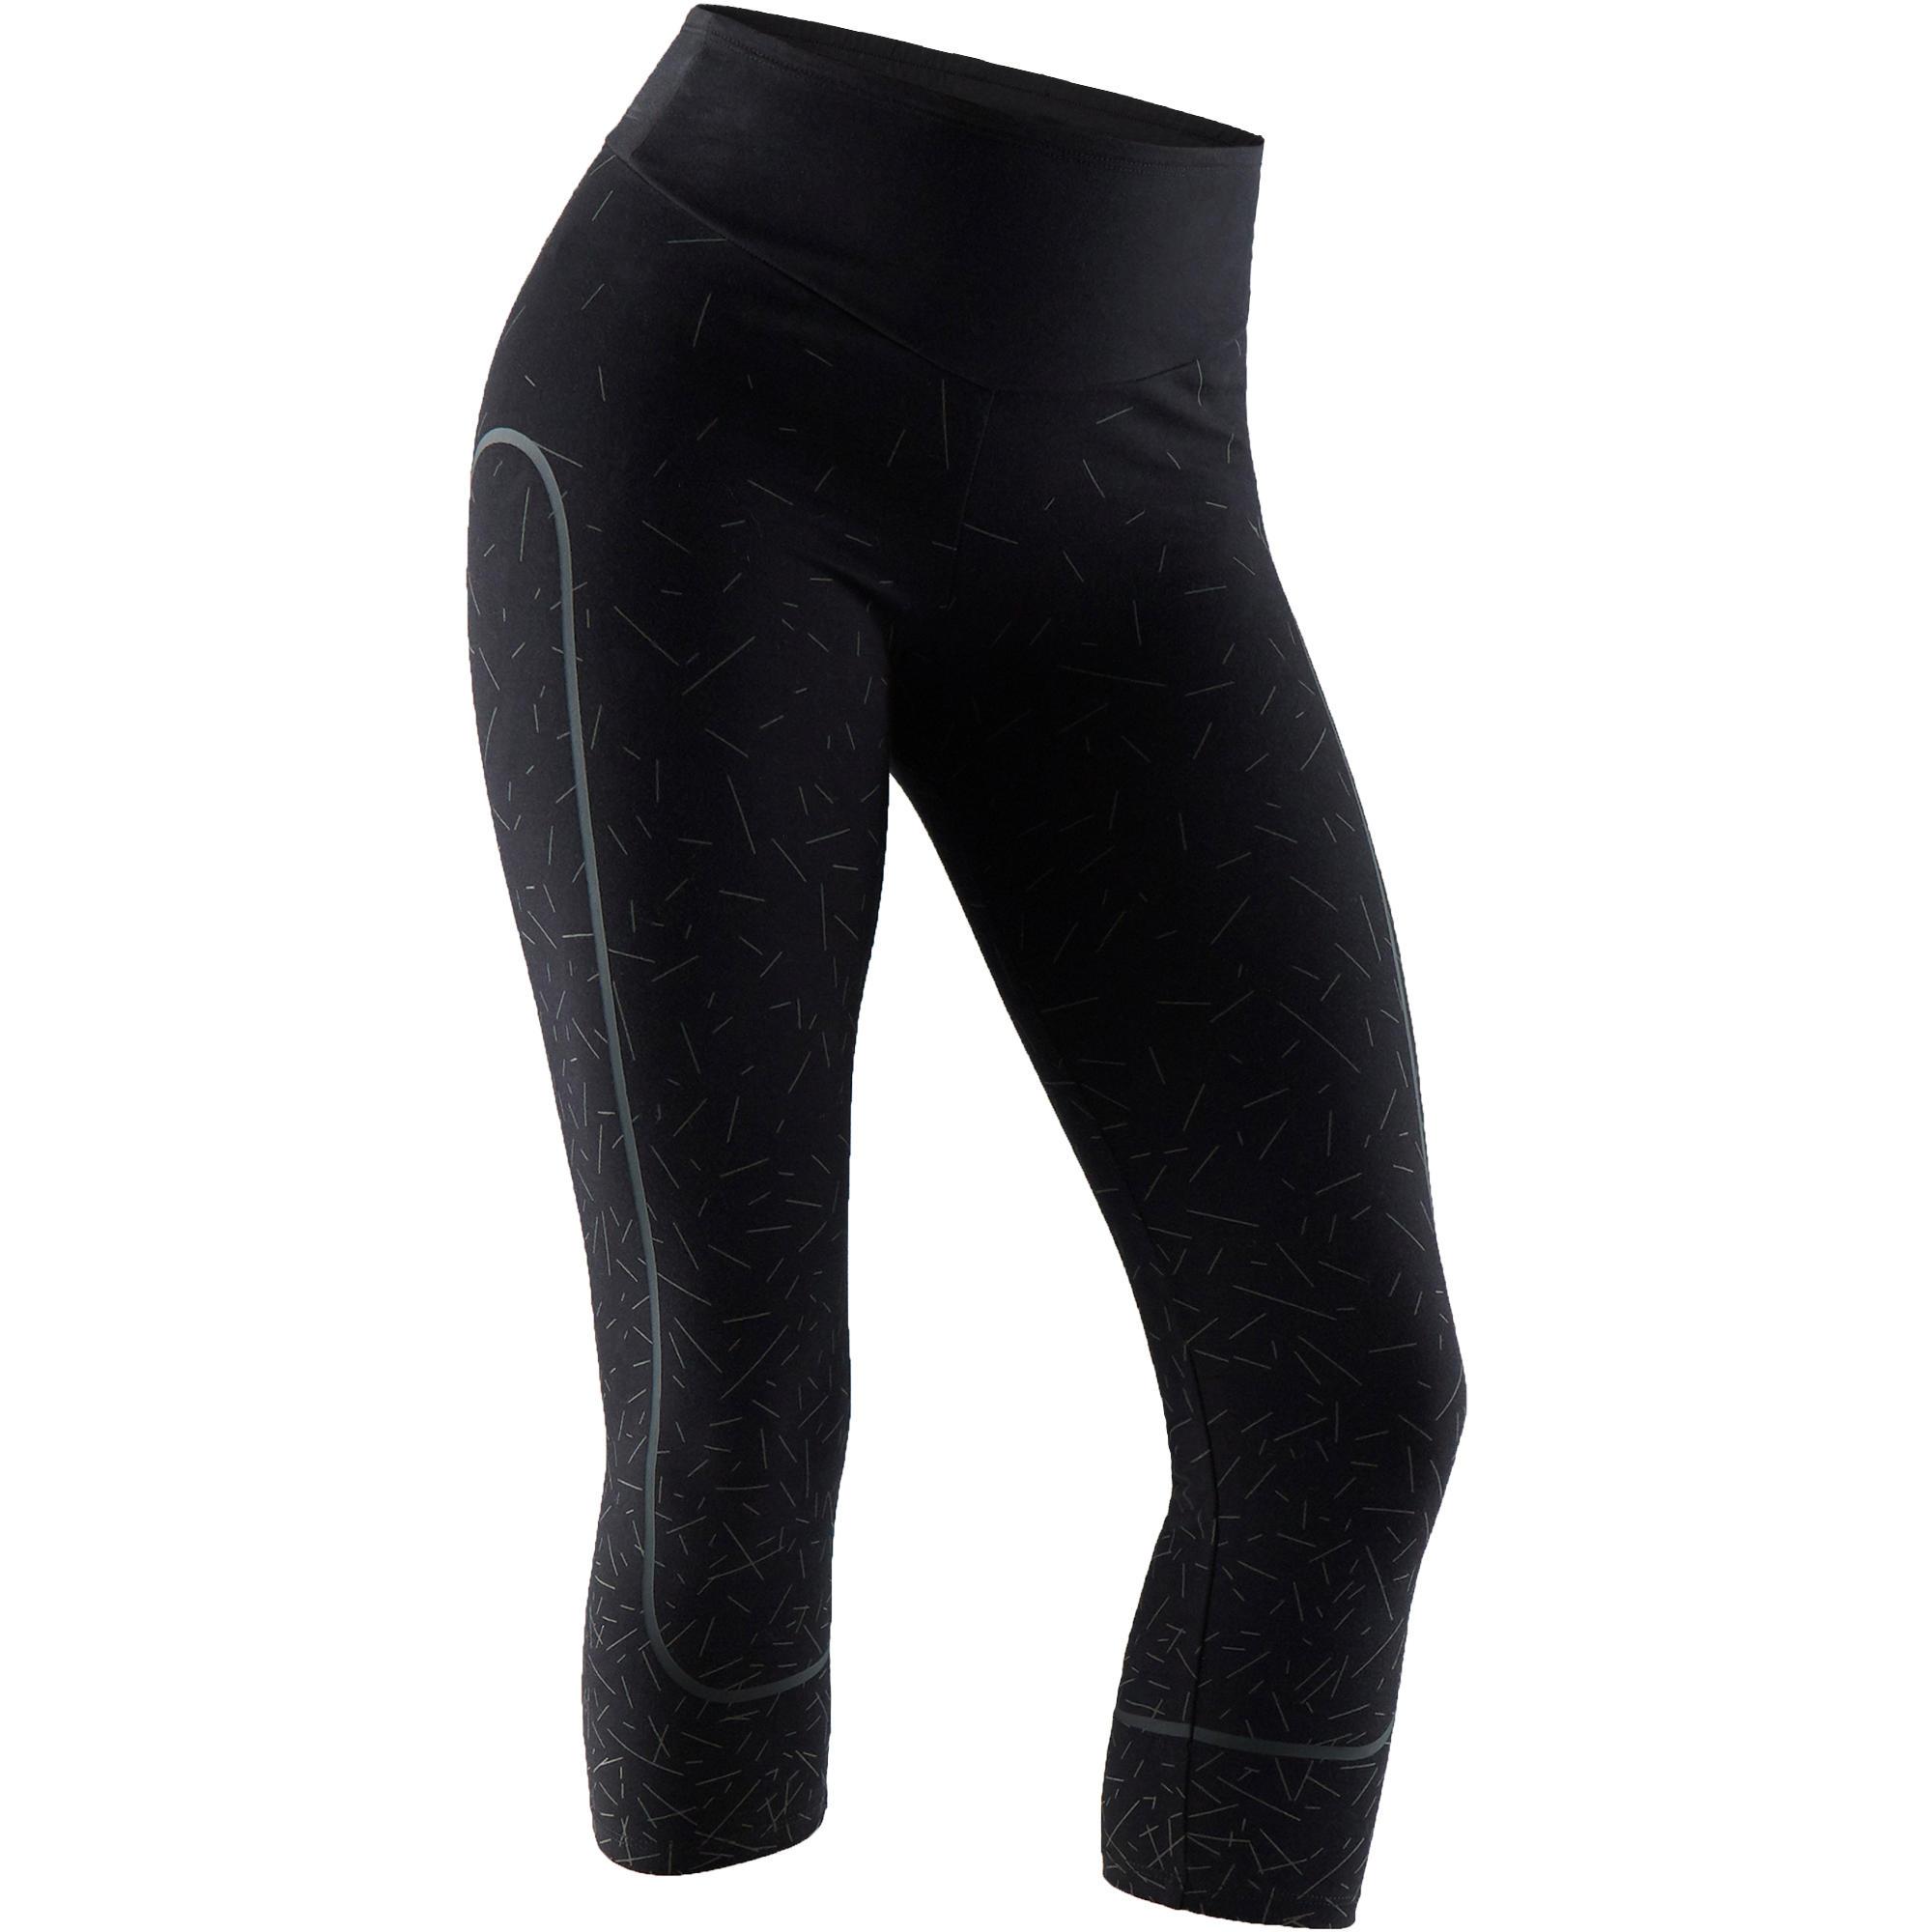 5596fce5e9f3 Női legging kímélő tornához, pilateshez 560-as, fekete mintás, szürke |  Domyos by Decathlon